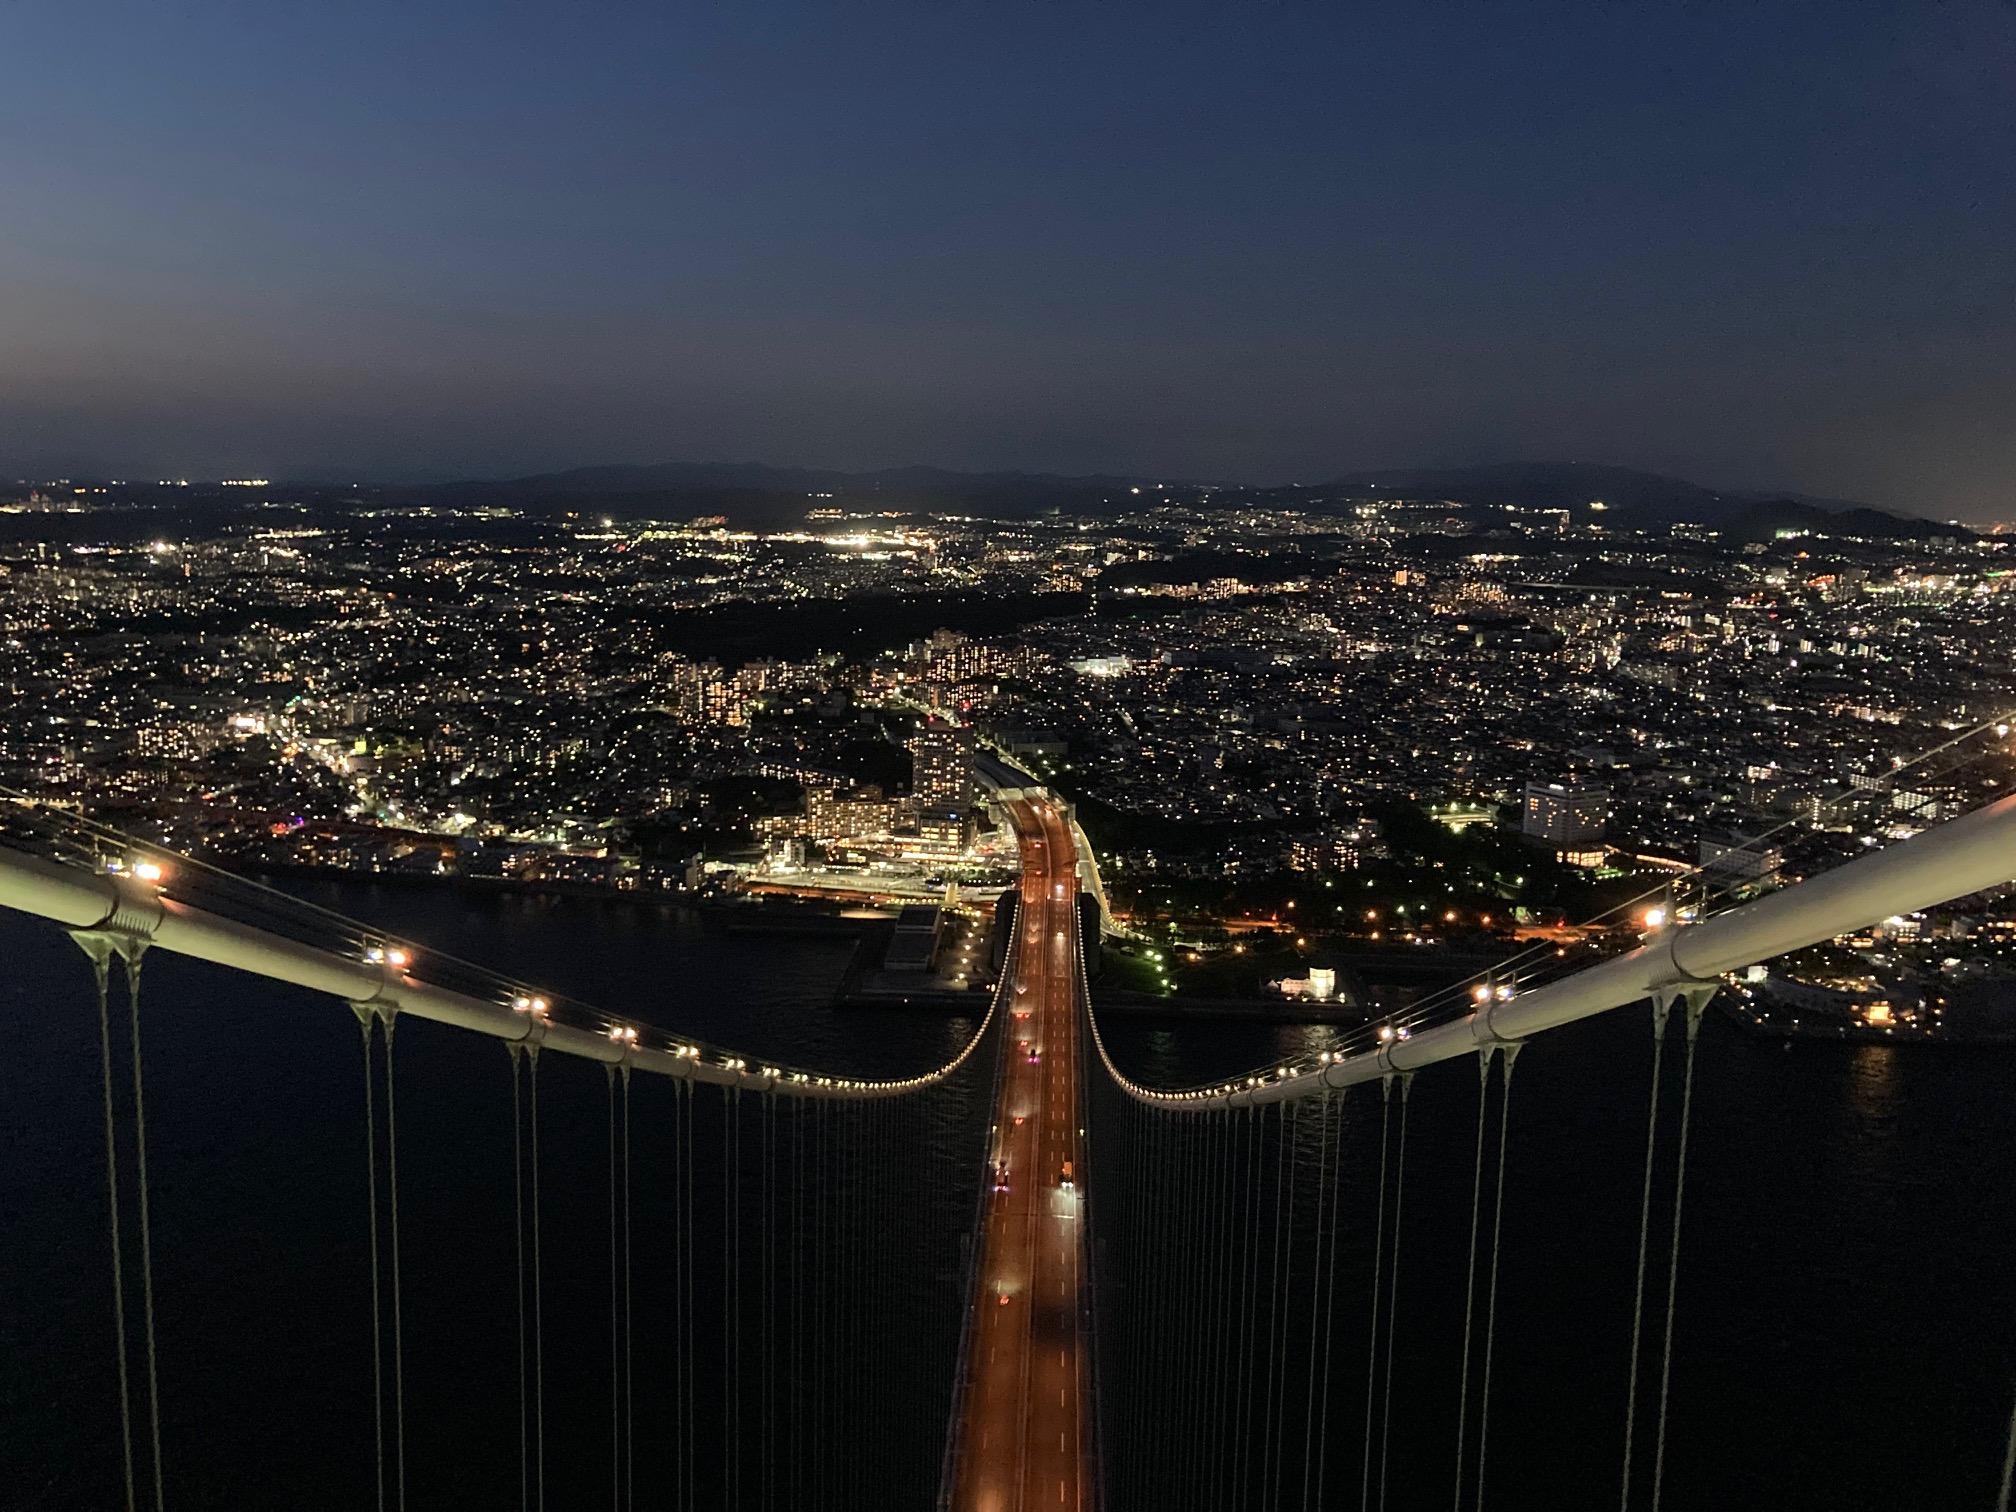 ①【10/29(金)、11/15(月)出発】明石海峡大橋ナイトツアー~架橋はじめ物語~横から、上から、下からすべての角度から明石海峡大橋を